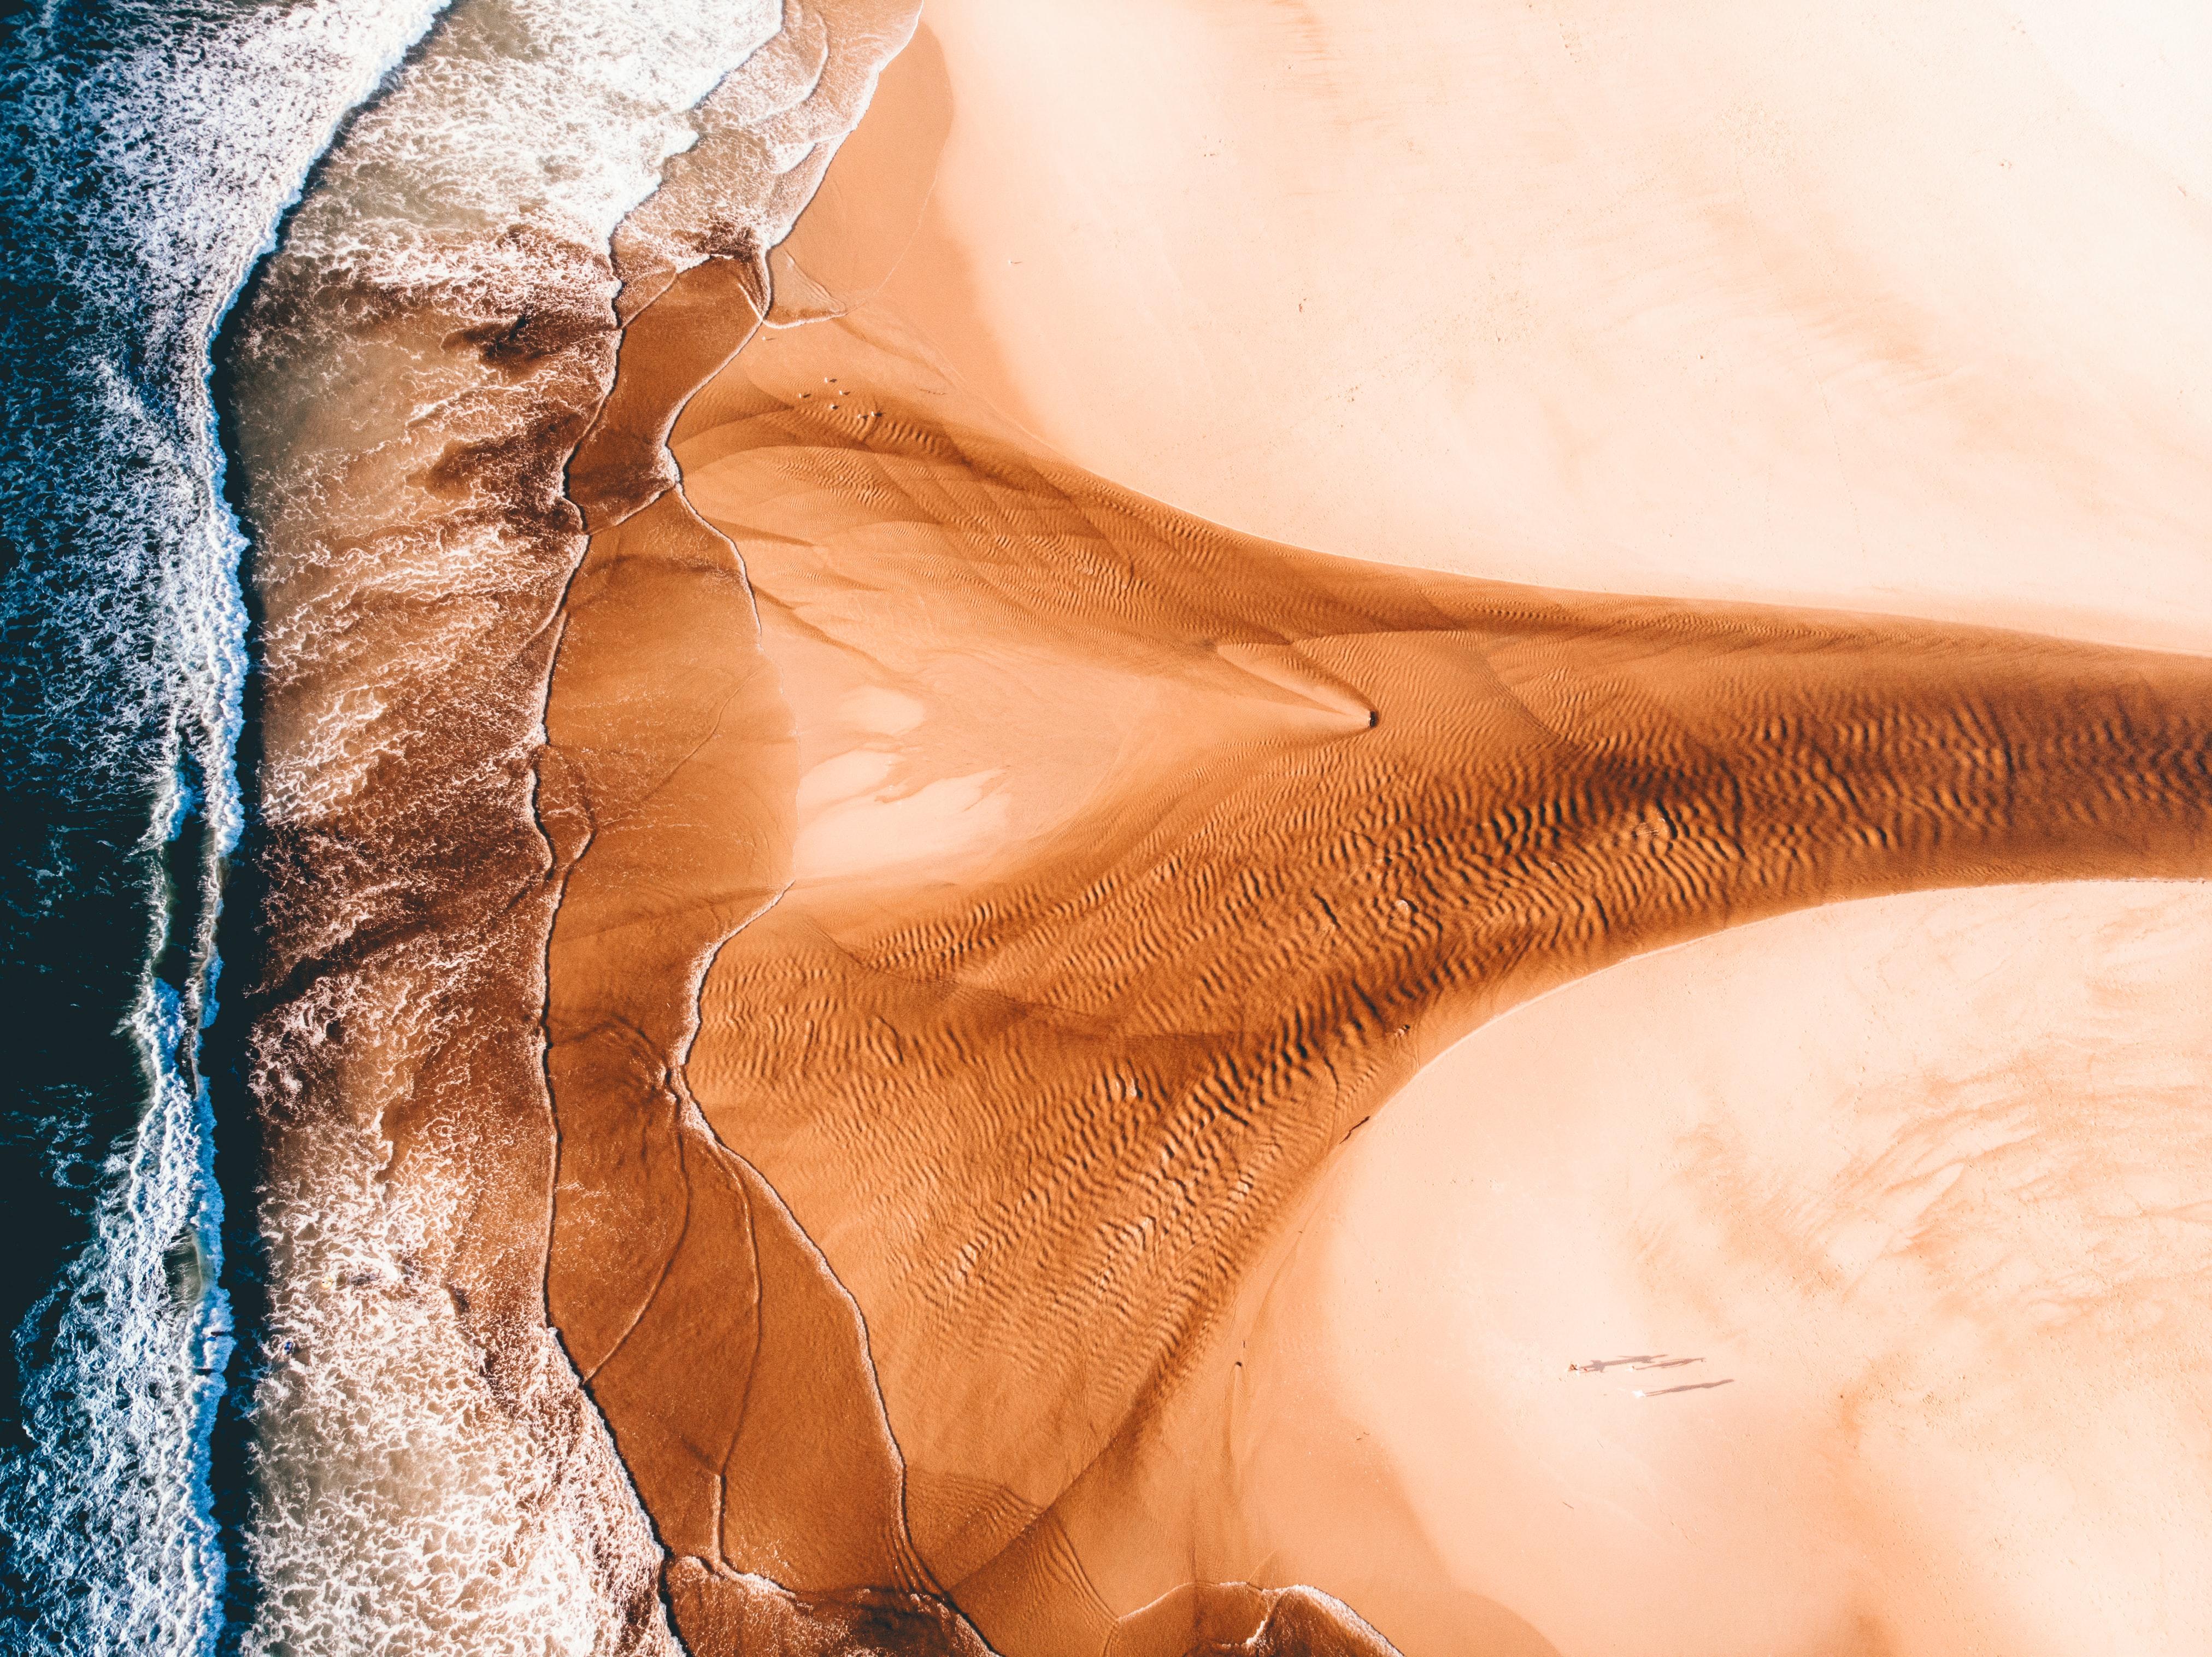 131360壁紙のダウンロード自然, 海, ビーチ, 海岸, 上から見る, サンド-スクリーンセーバーと写真を無料で